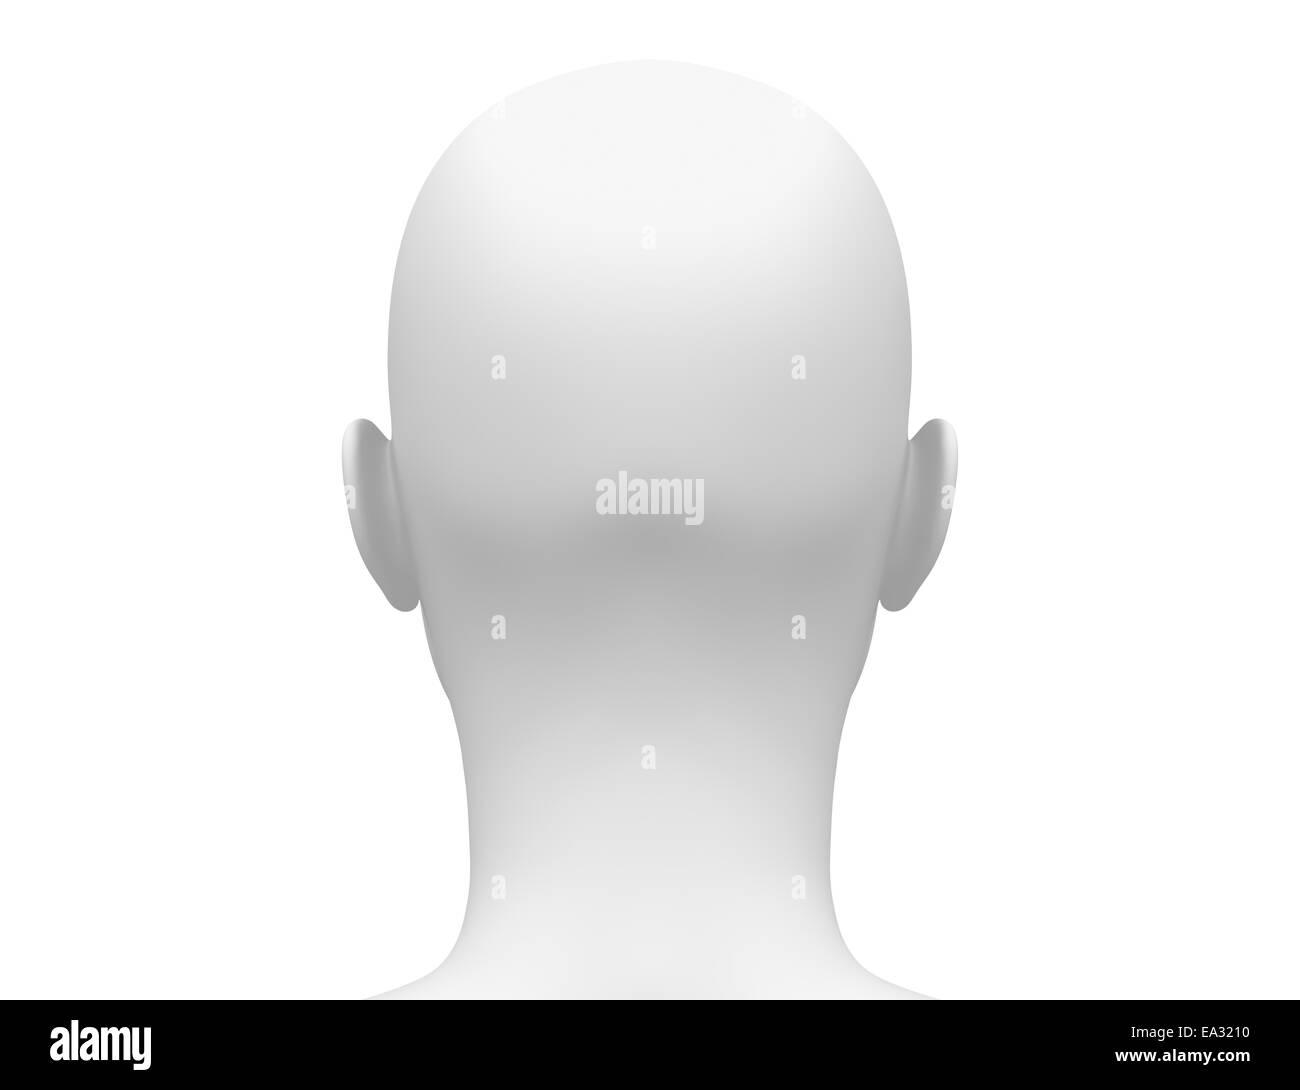 Female Head Blank Anatomy - Back view Stock Photo: 75055484 - Alamy